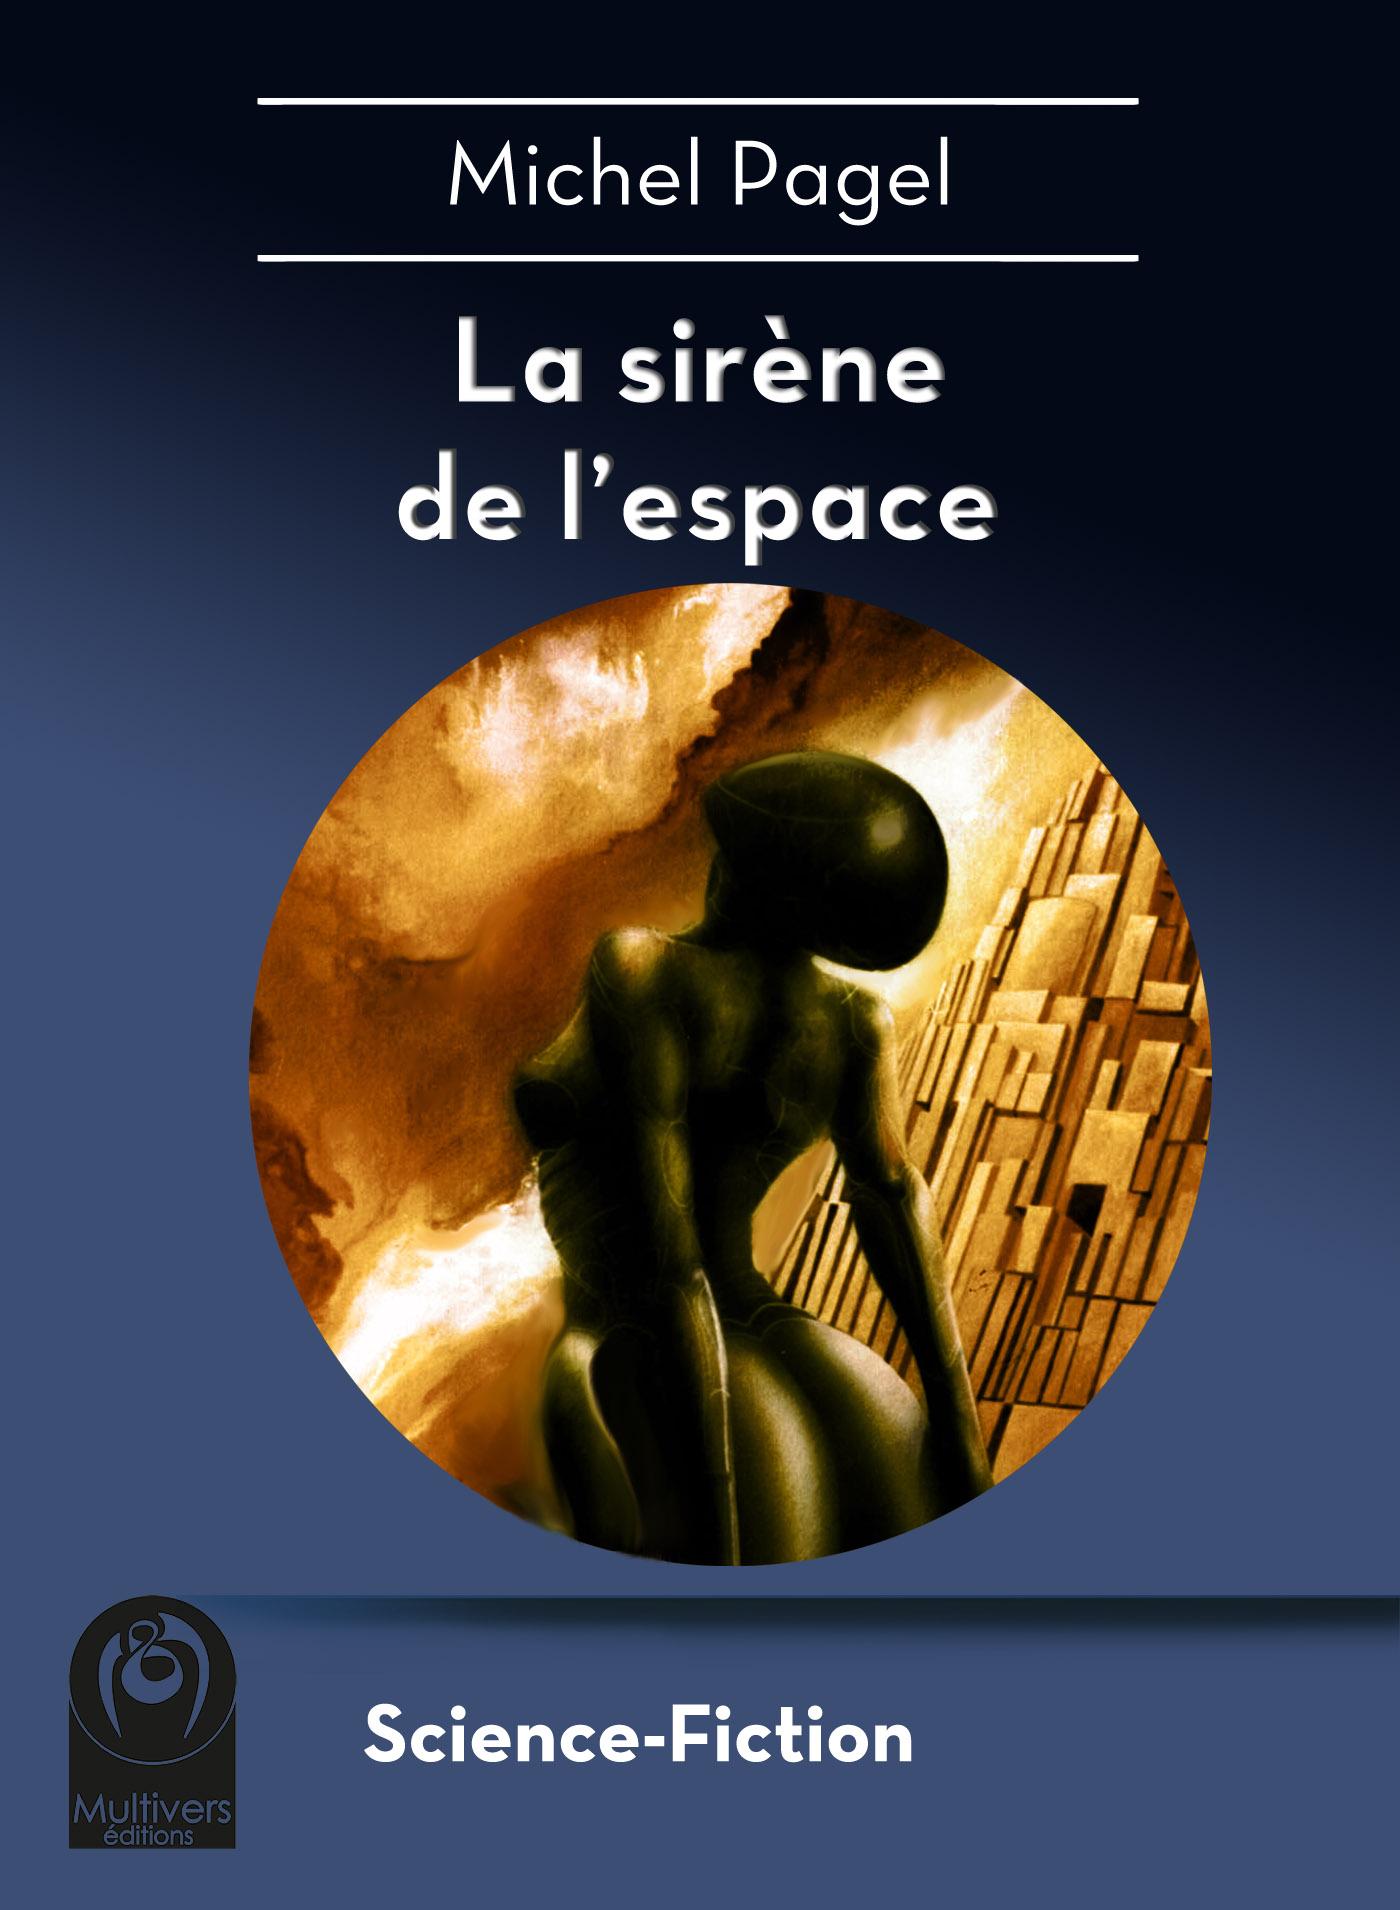 La sirène de l'espace